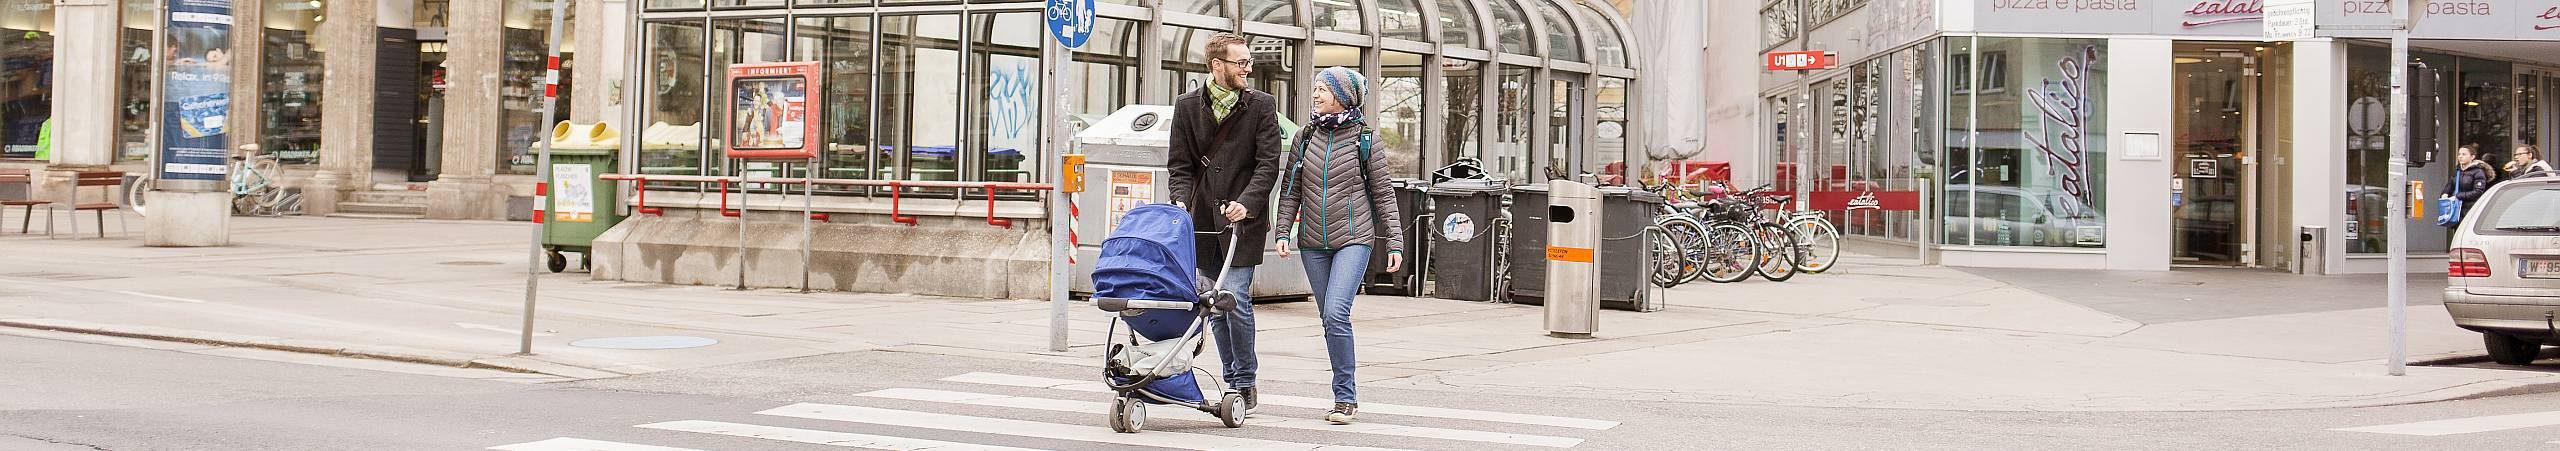 Ein lachendes Paar überquert mit Kinderwagen eine Kreuzung. Foto von Stephan Doleschal